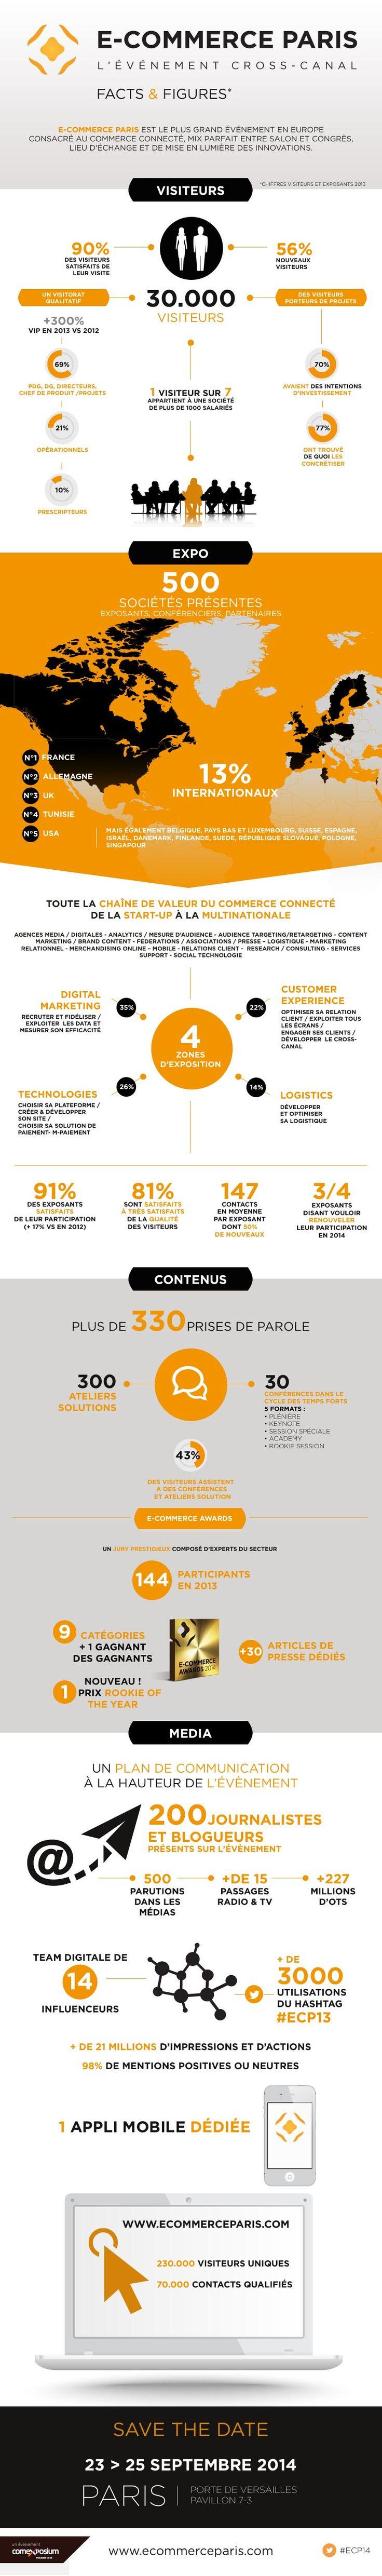 Retrouvez l'édition 2014 du Salon @ecommerceparis en faits et chiffres #infographie #ECP14